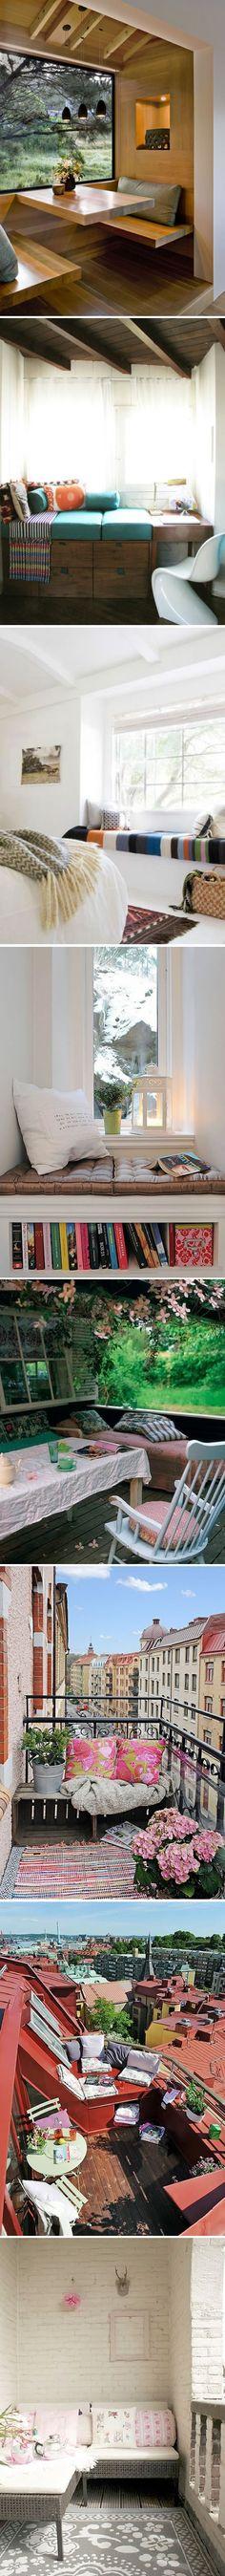 Some great cozy balcony ideas